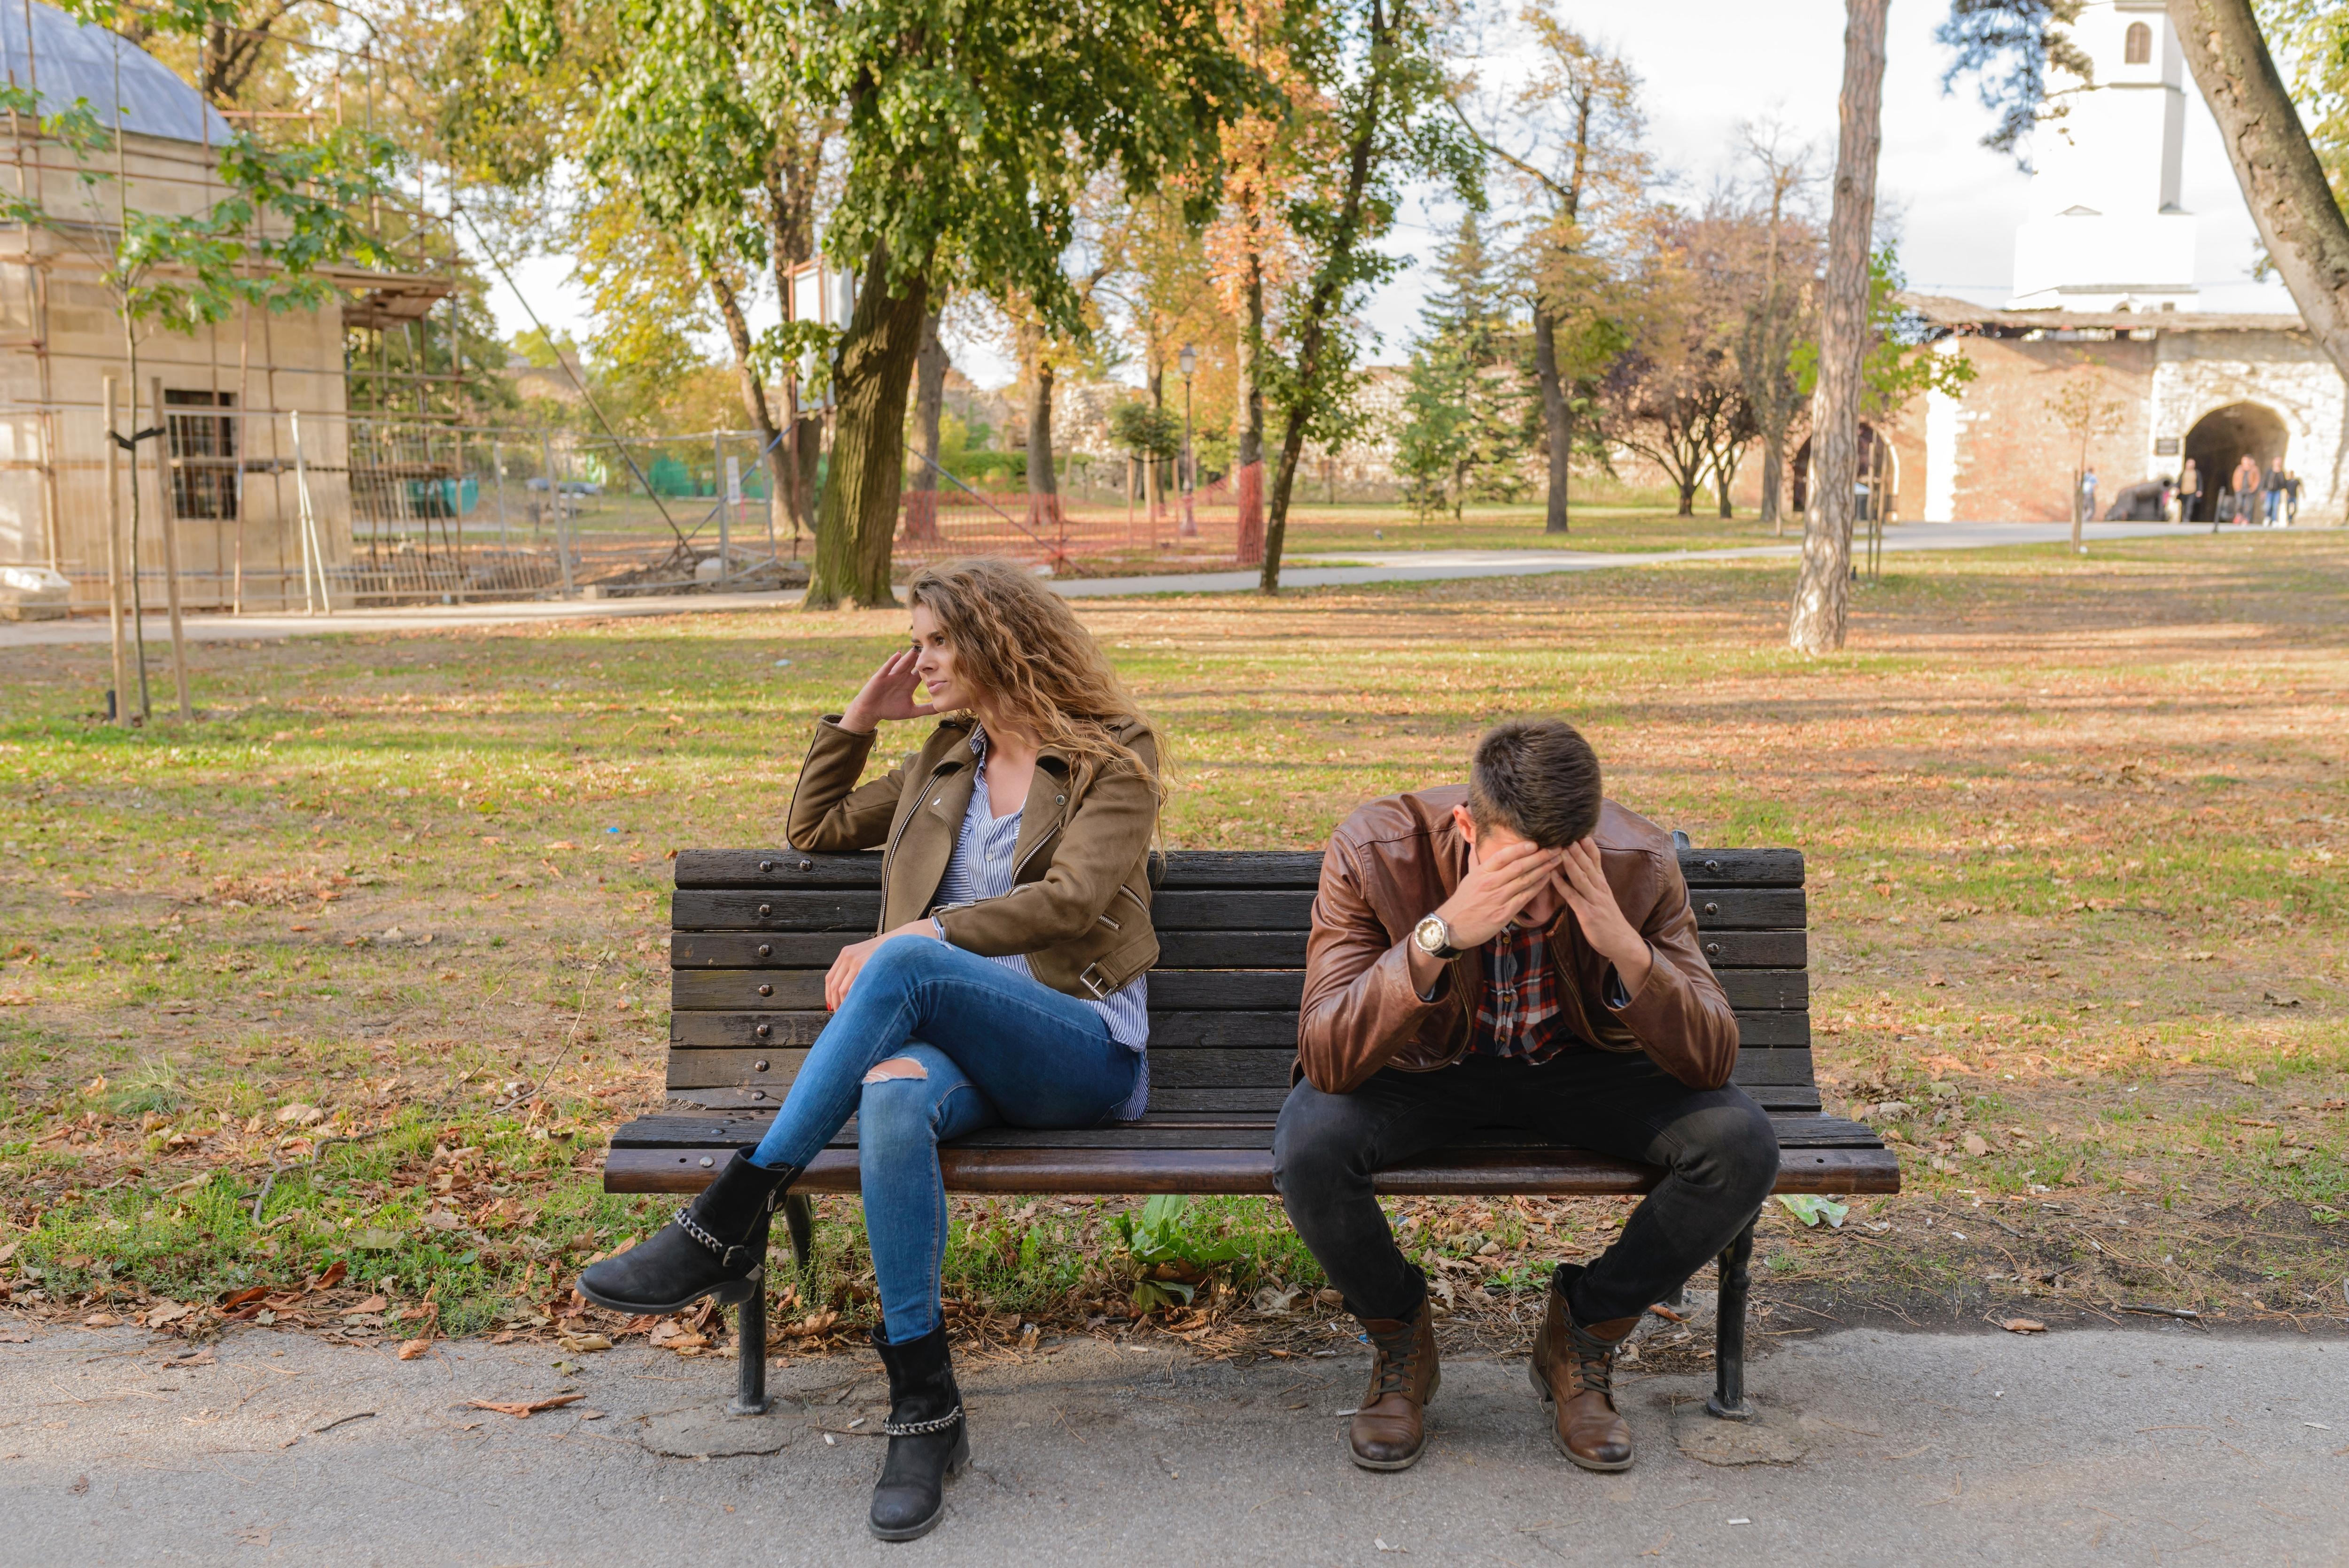 Manchmal ist es vielleicht der falsche Zeitpunkt, eine Beziehung einzugehen.